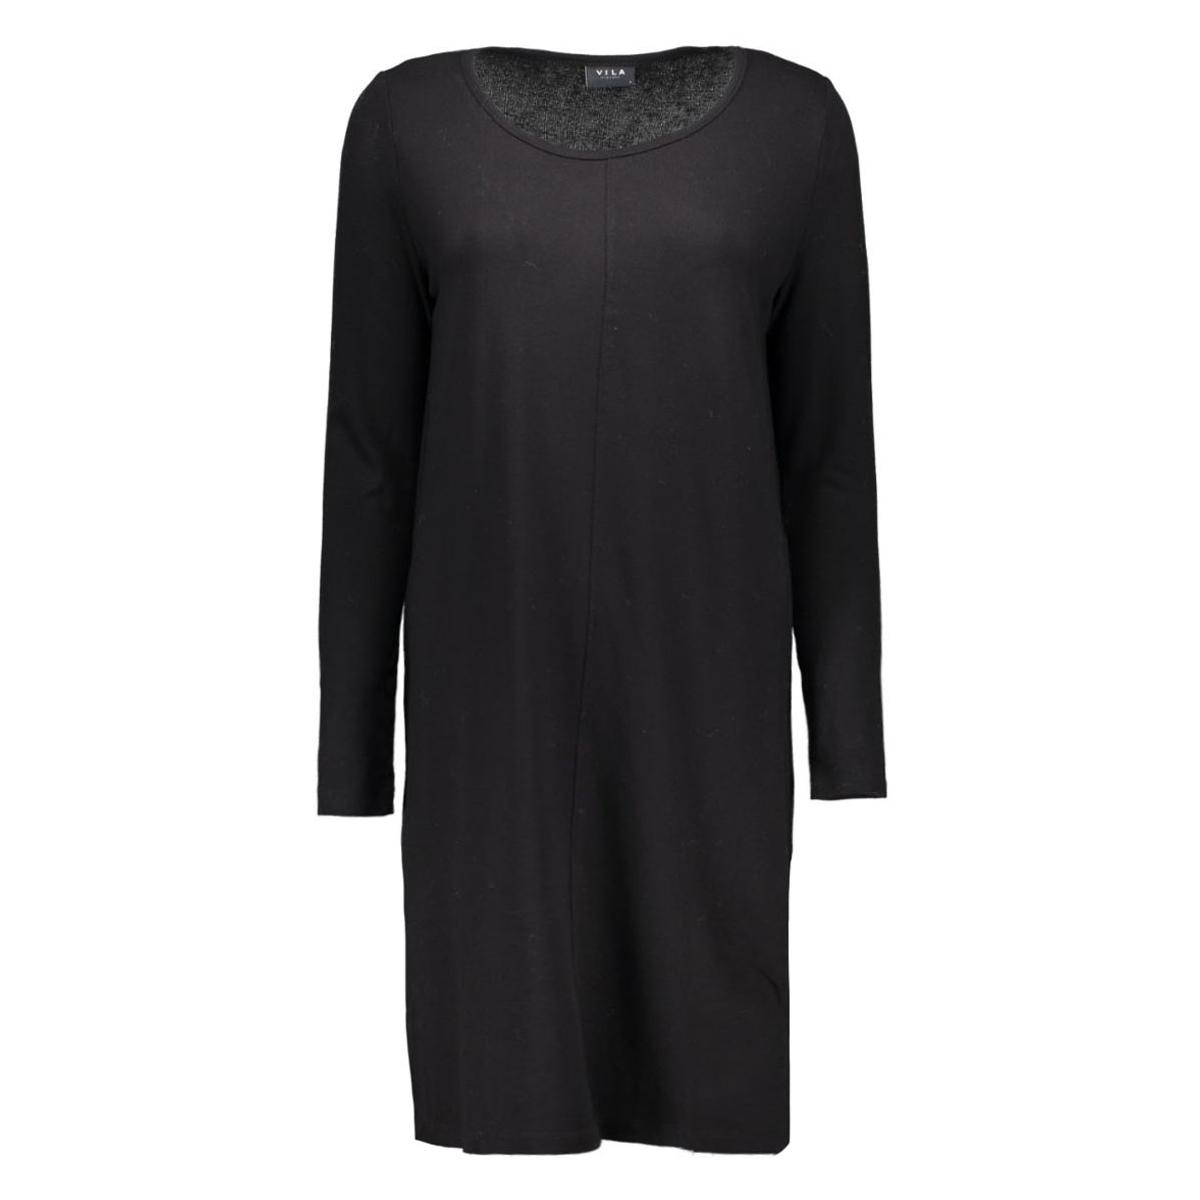 vinimas l/s dress-noos 14036230 vila jurk black